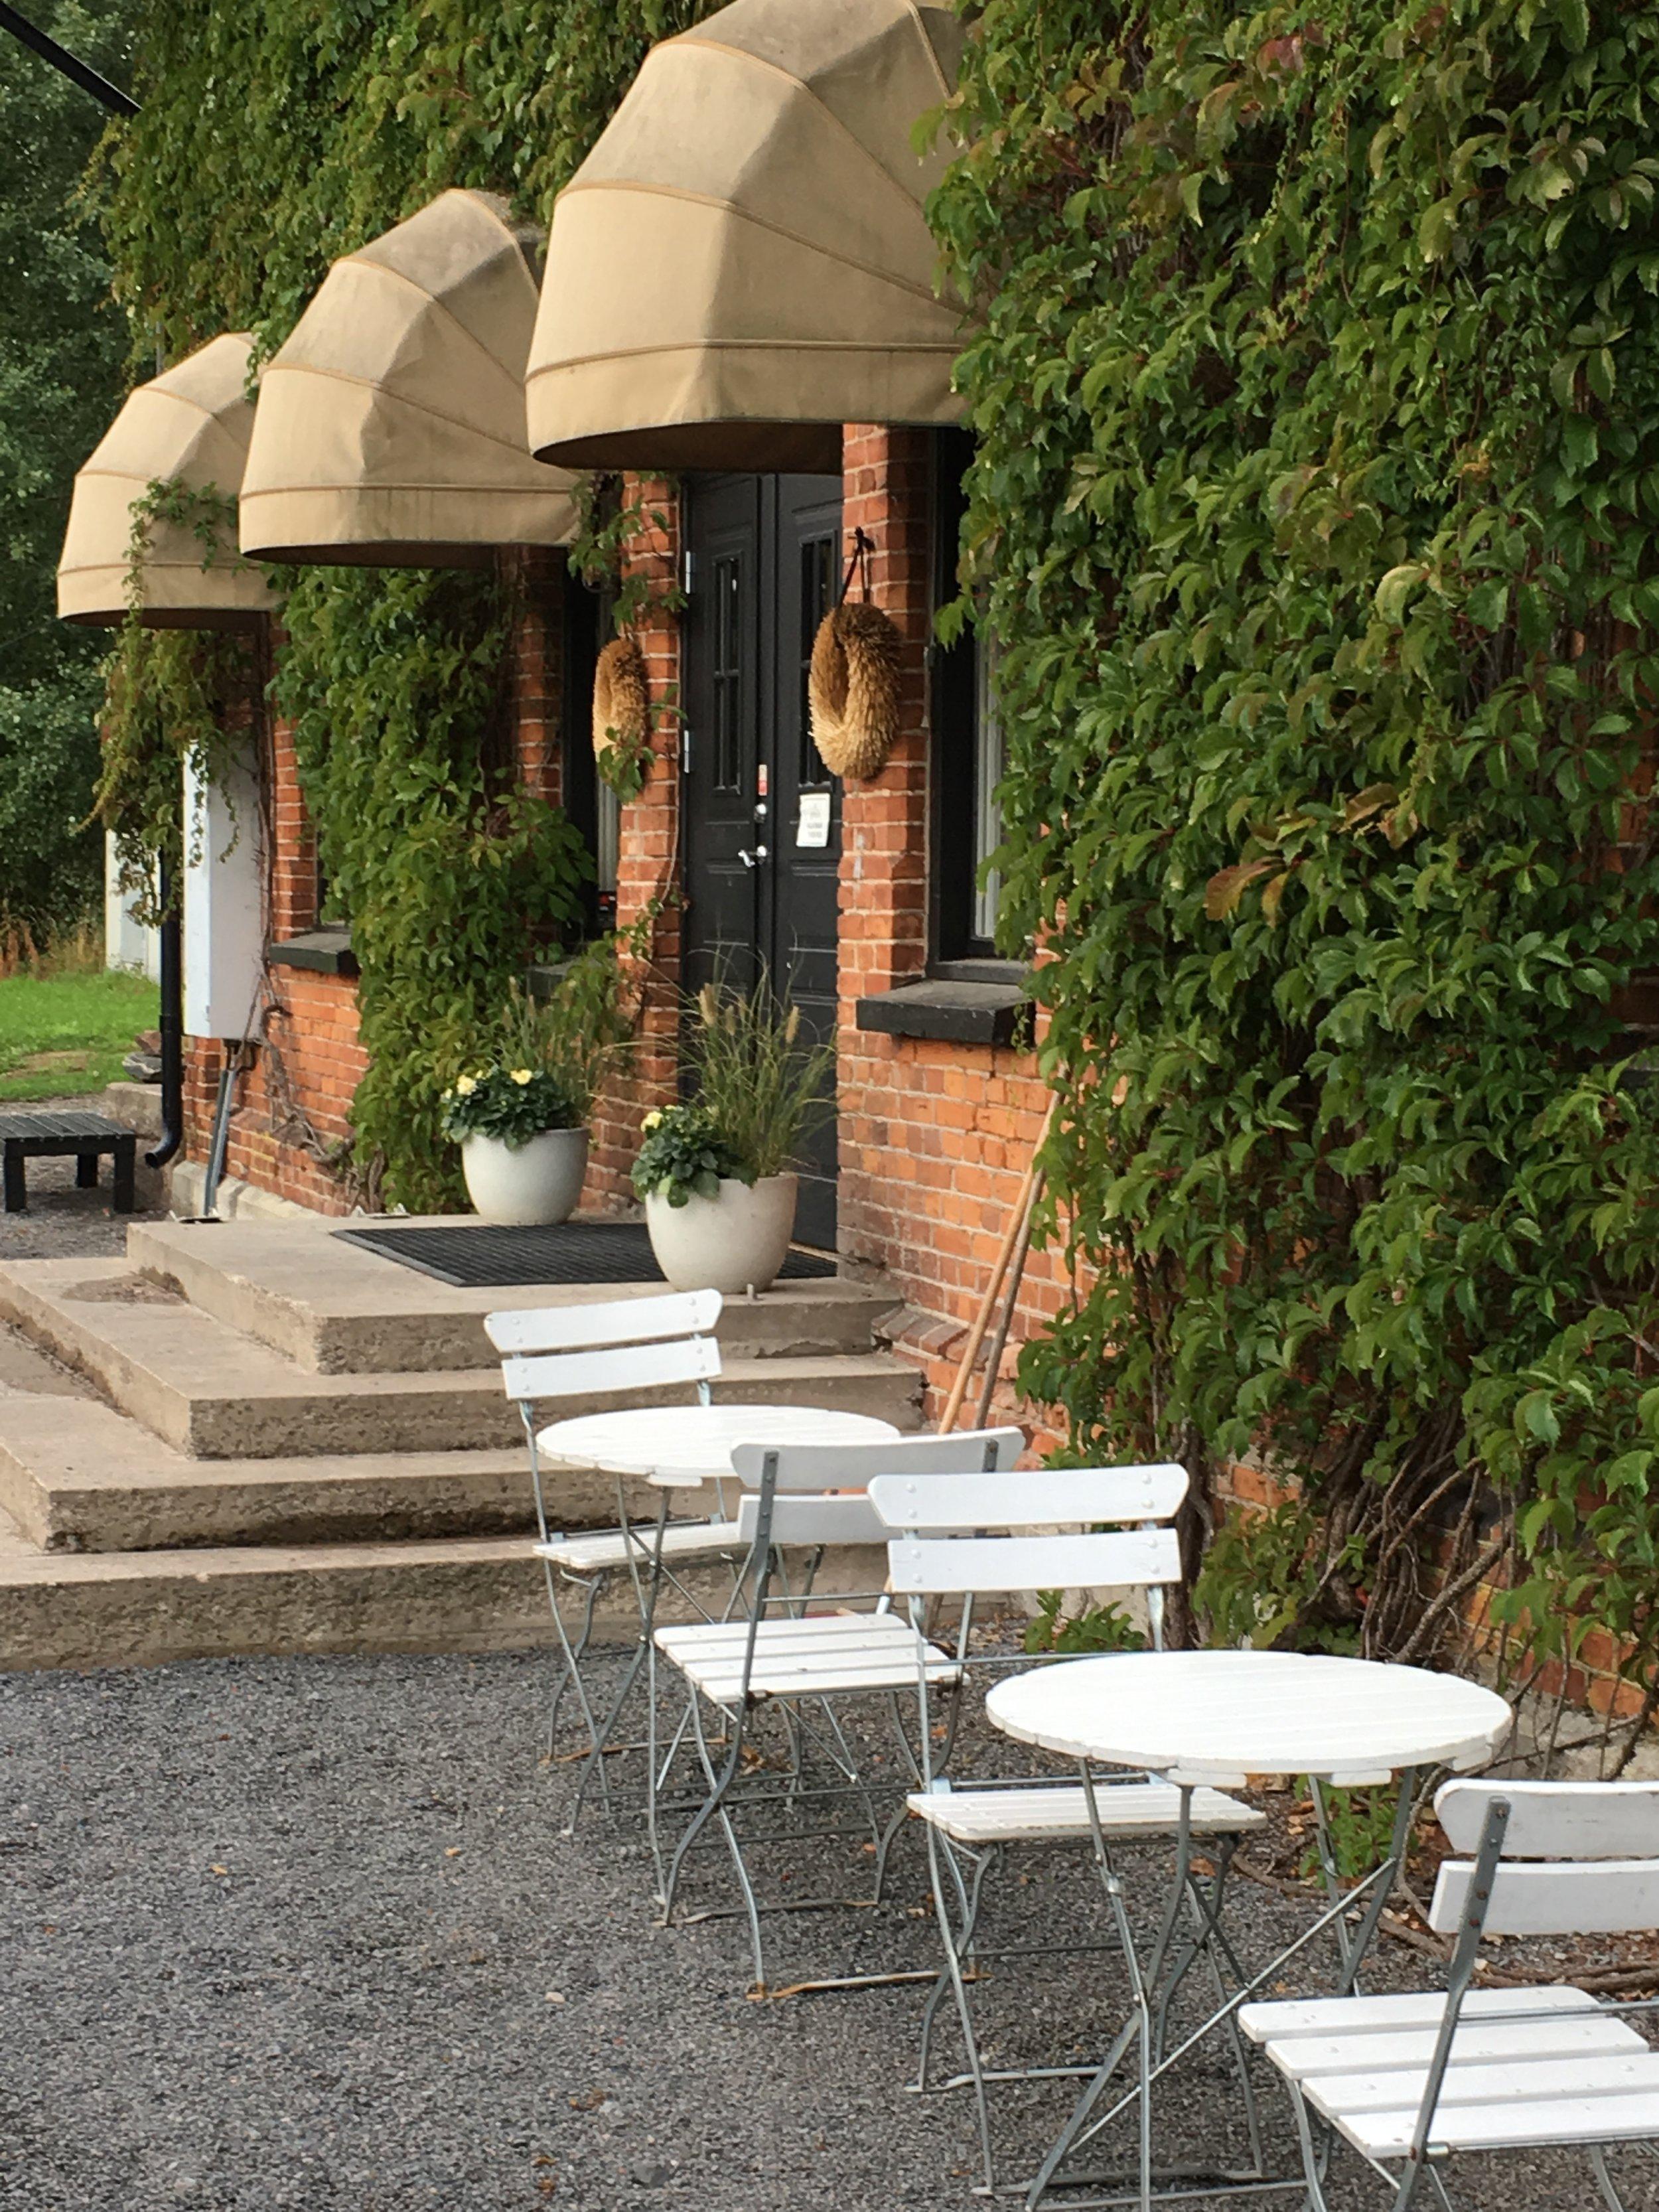 Café och saluhall i Värmland